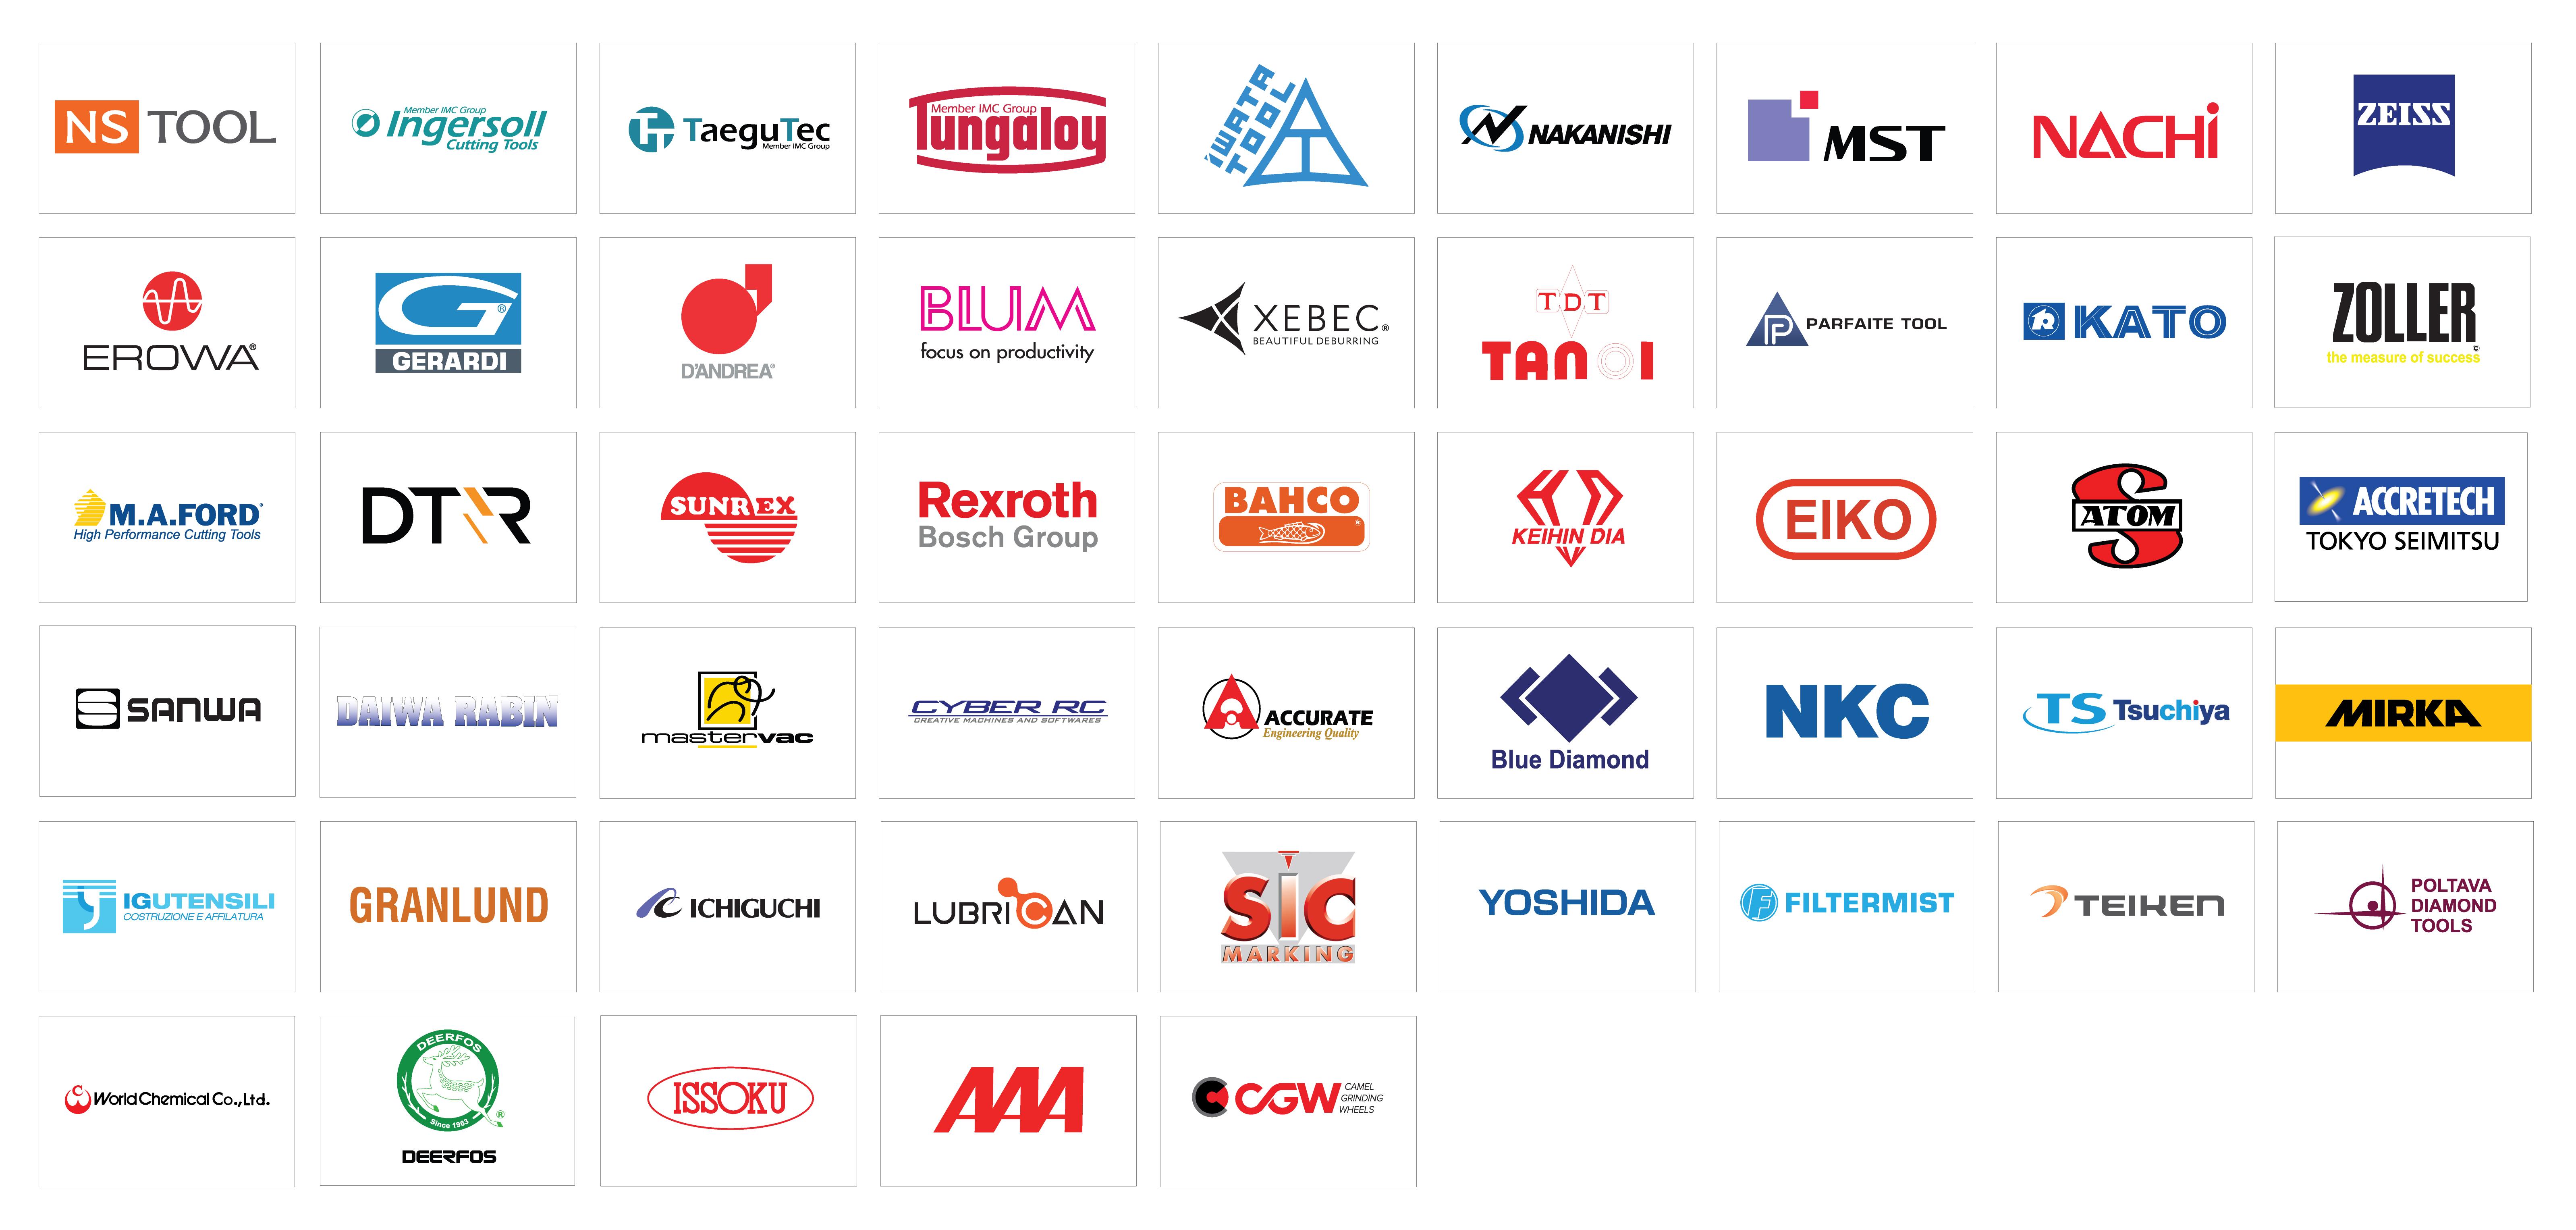 世界トップクラスのブランドを揃える製品群